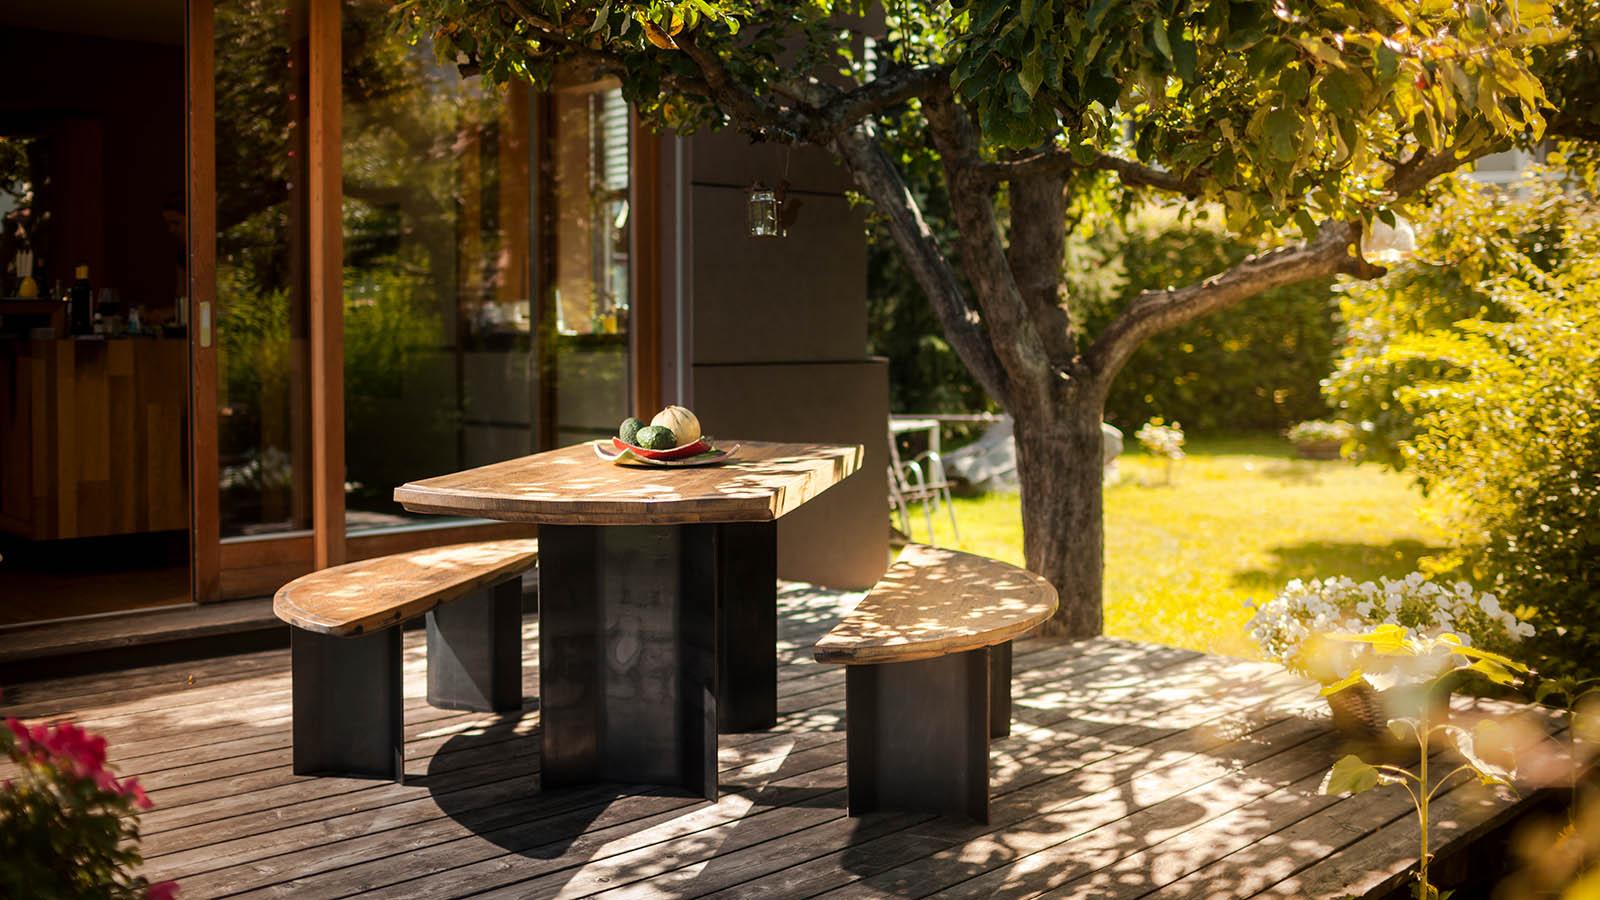 von der kunst aus alten f ssern moderne m bel diogenes streifzug. Black Bedroom Furniture Sets. Home Design Ideas